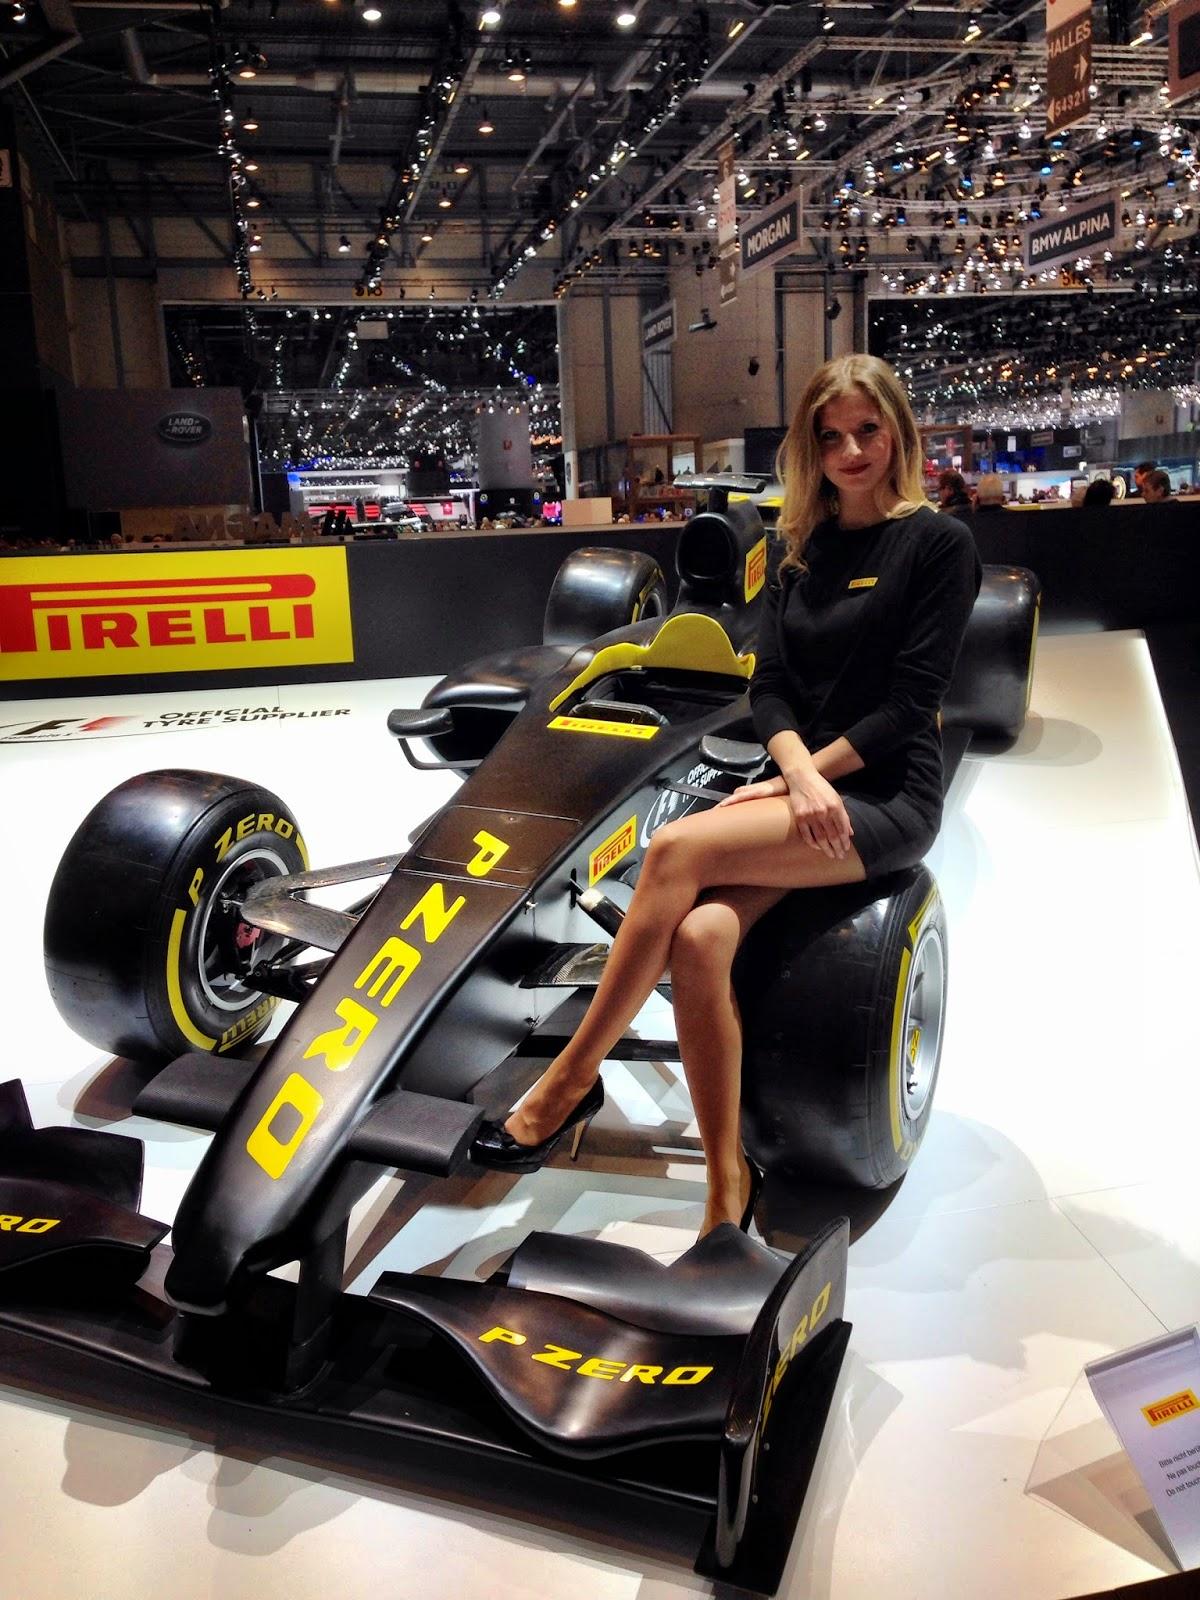 pirelli girl autosalon